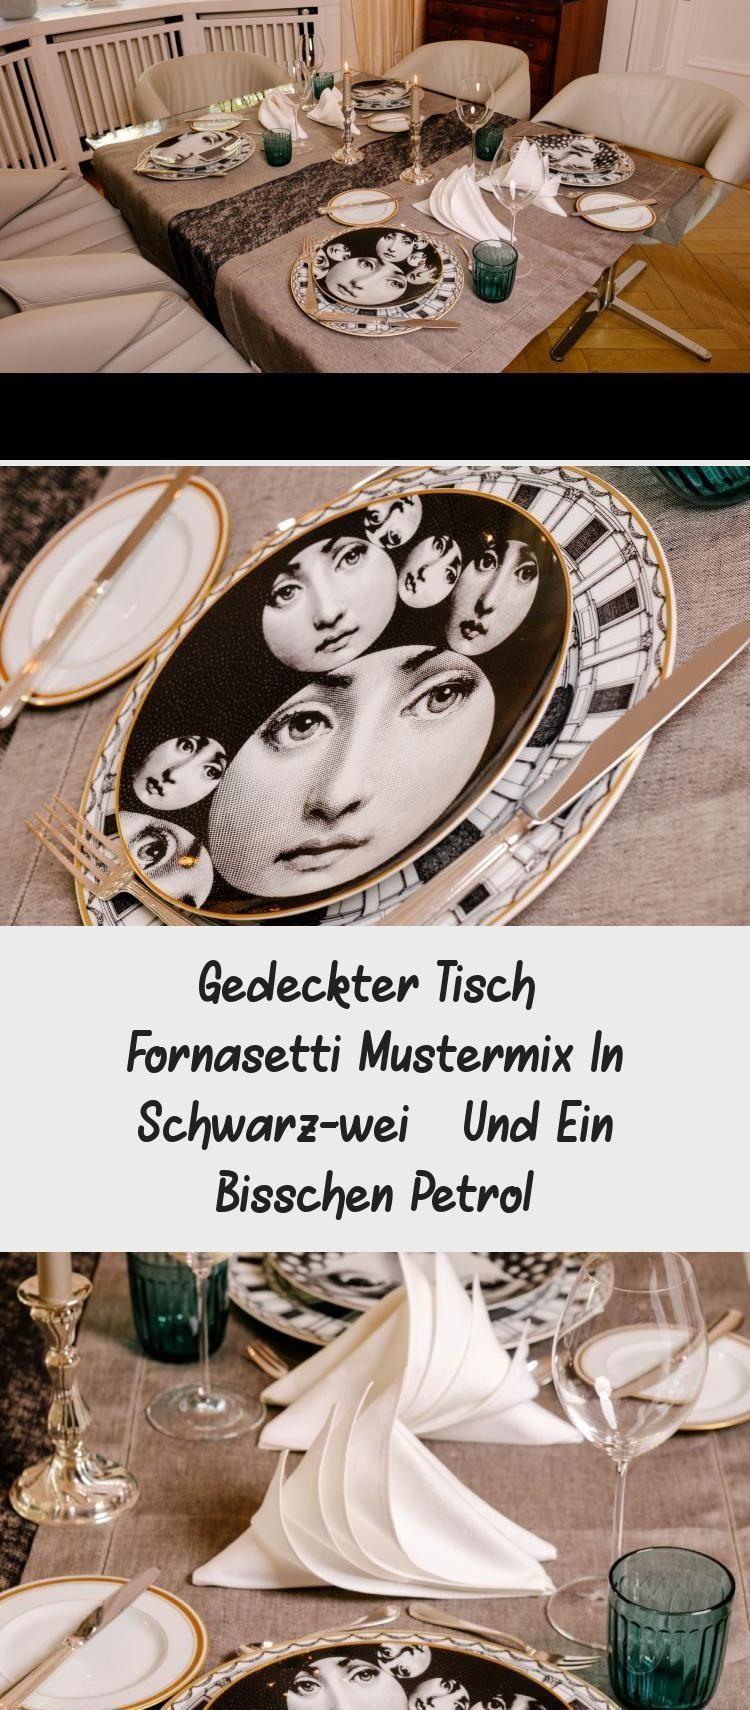 Gedeckter Tisch Fornasetti Mustermix In Schwarz Weiss Und Ein Bisschen Petrol Gedeckter Tisch Fornasetti Mustermix I In 2020 Gedeckter Tisch Mustermix Petrol